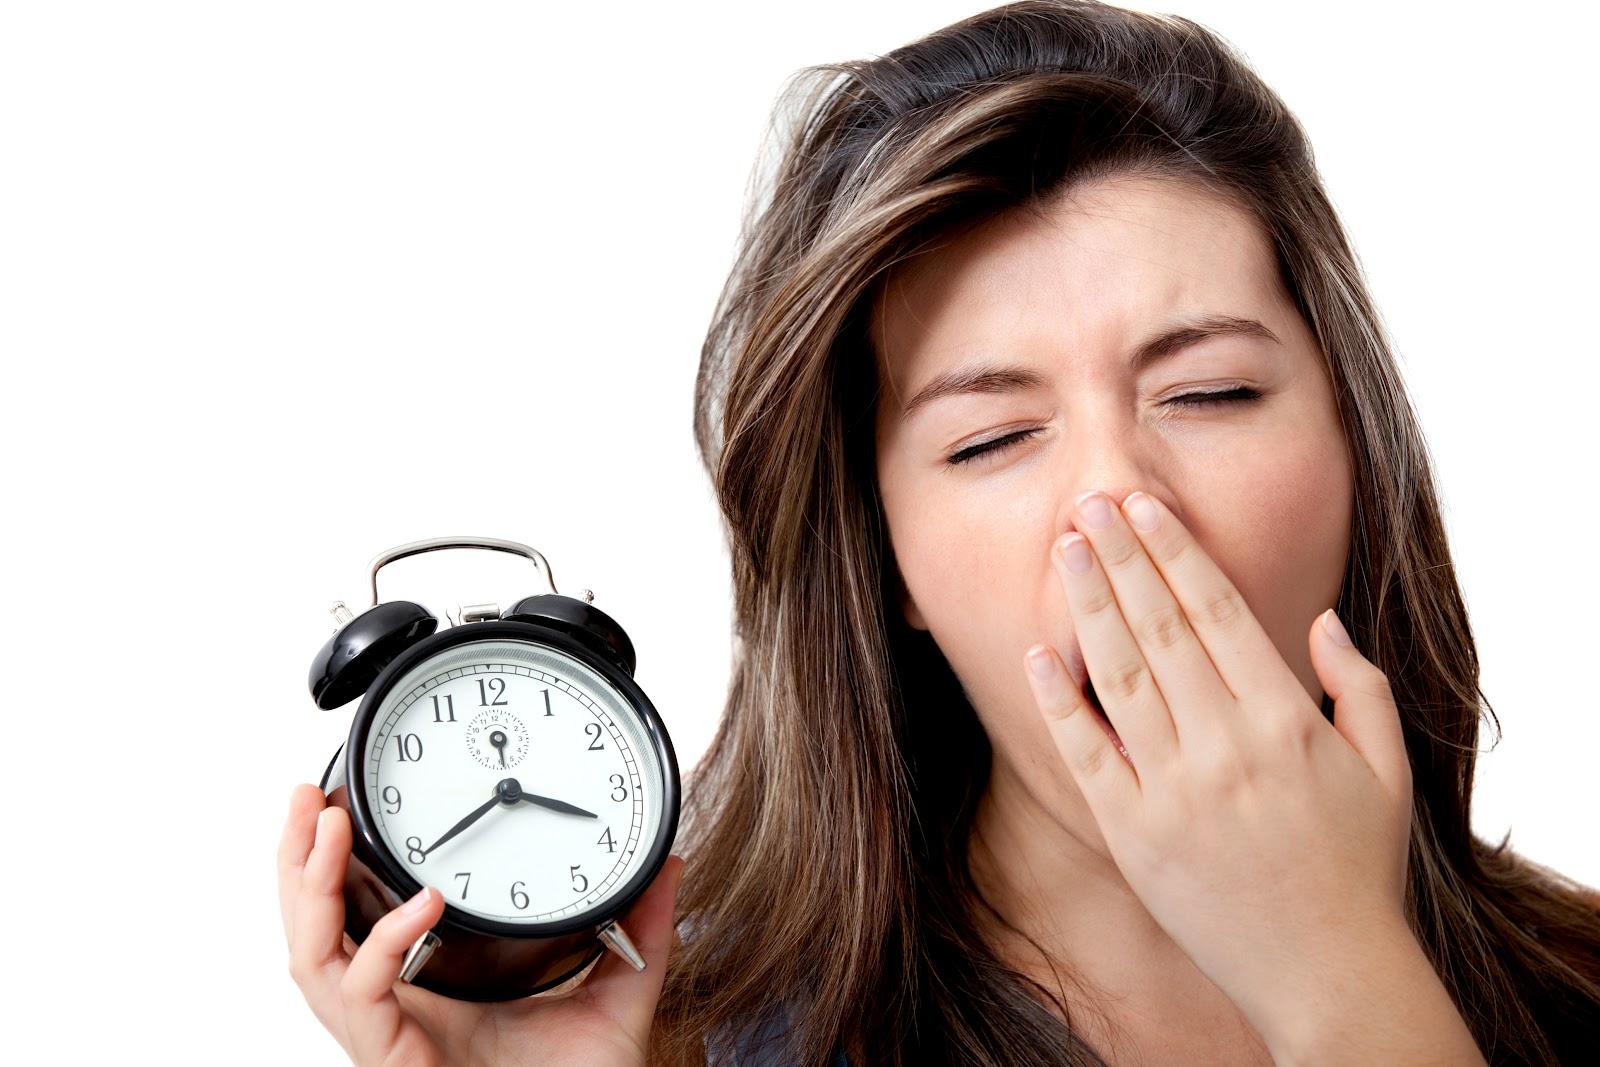 Uykusuzluk Yatağı Yanlış Kullanmaya Bağlı Olabilir